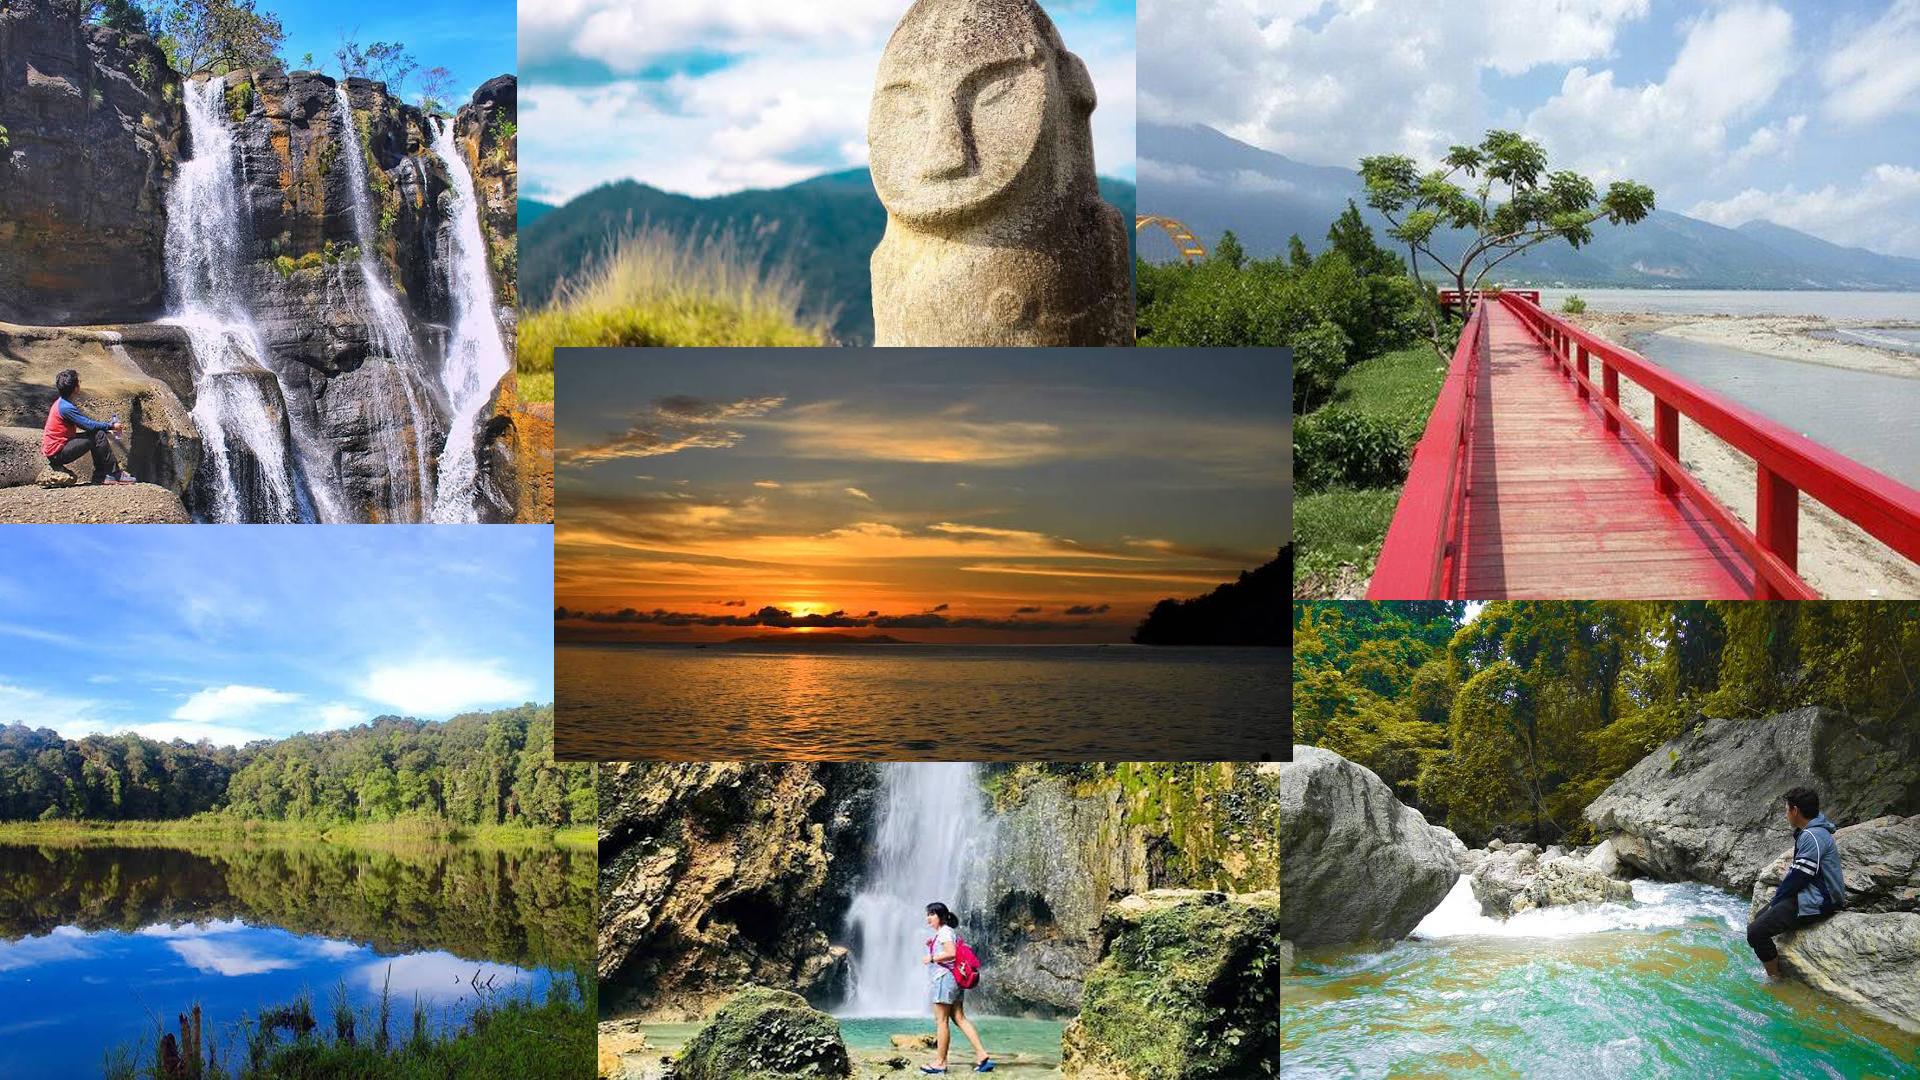 Destinasi Wisata di Sulawesi Tengah yang Wajib Kamu Kunjungi